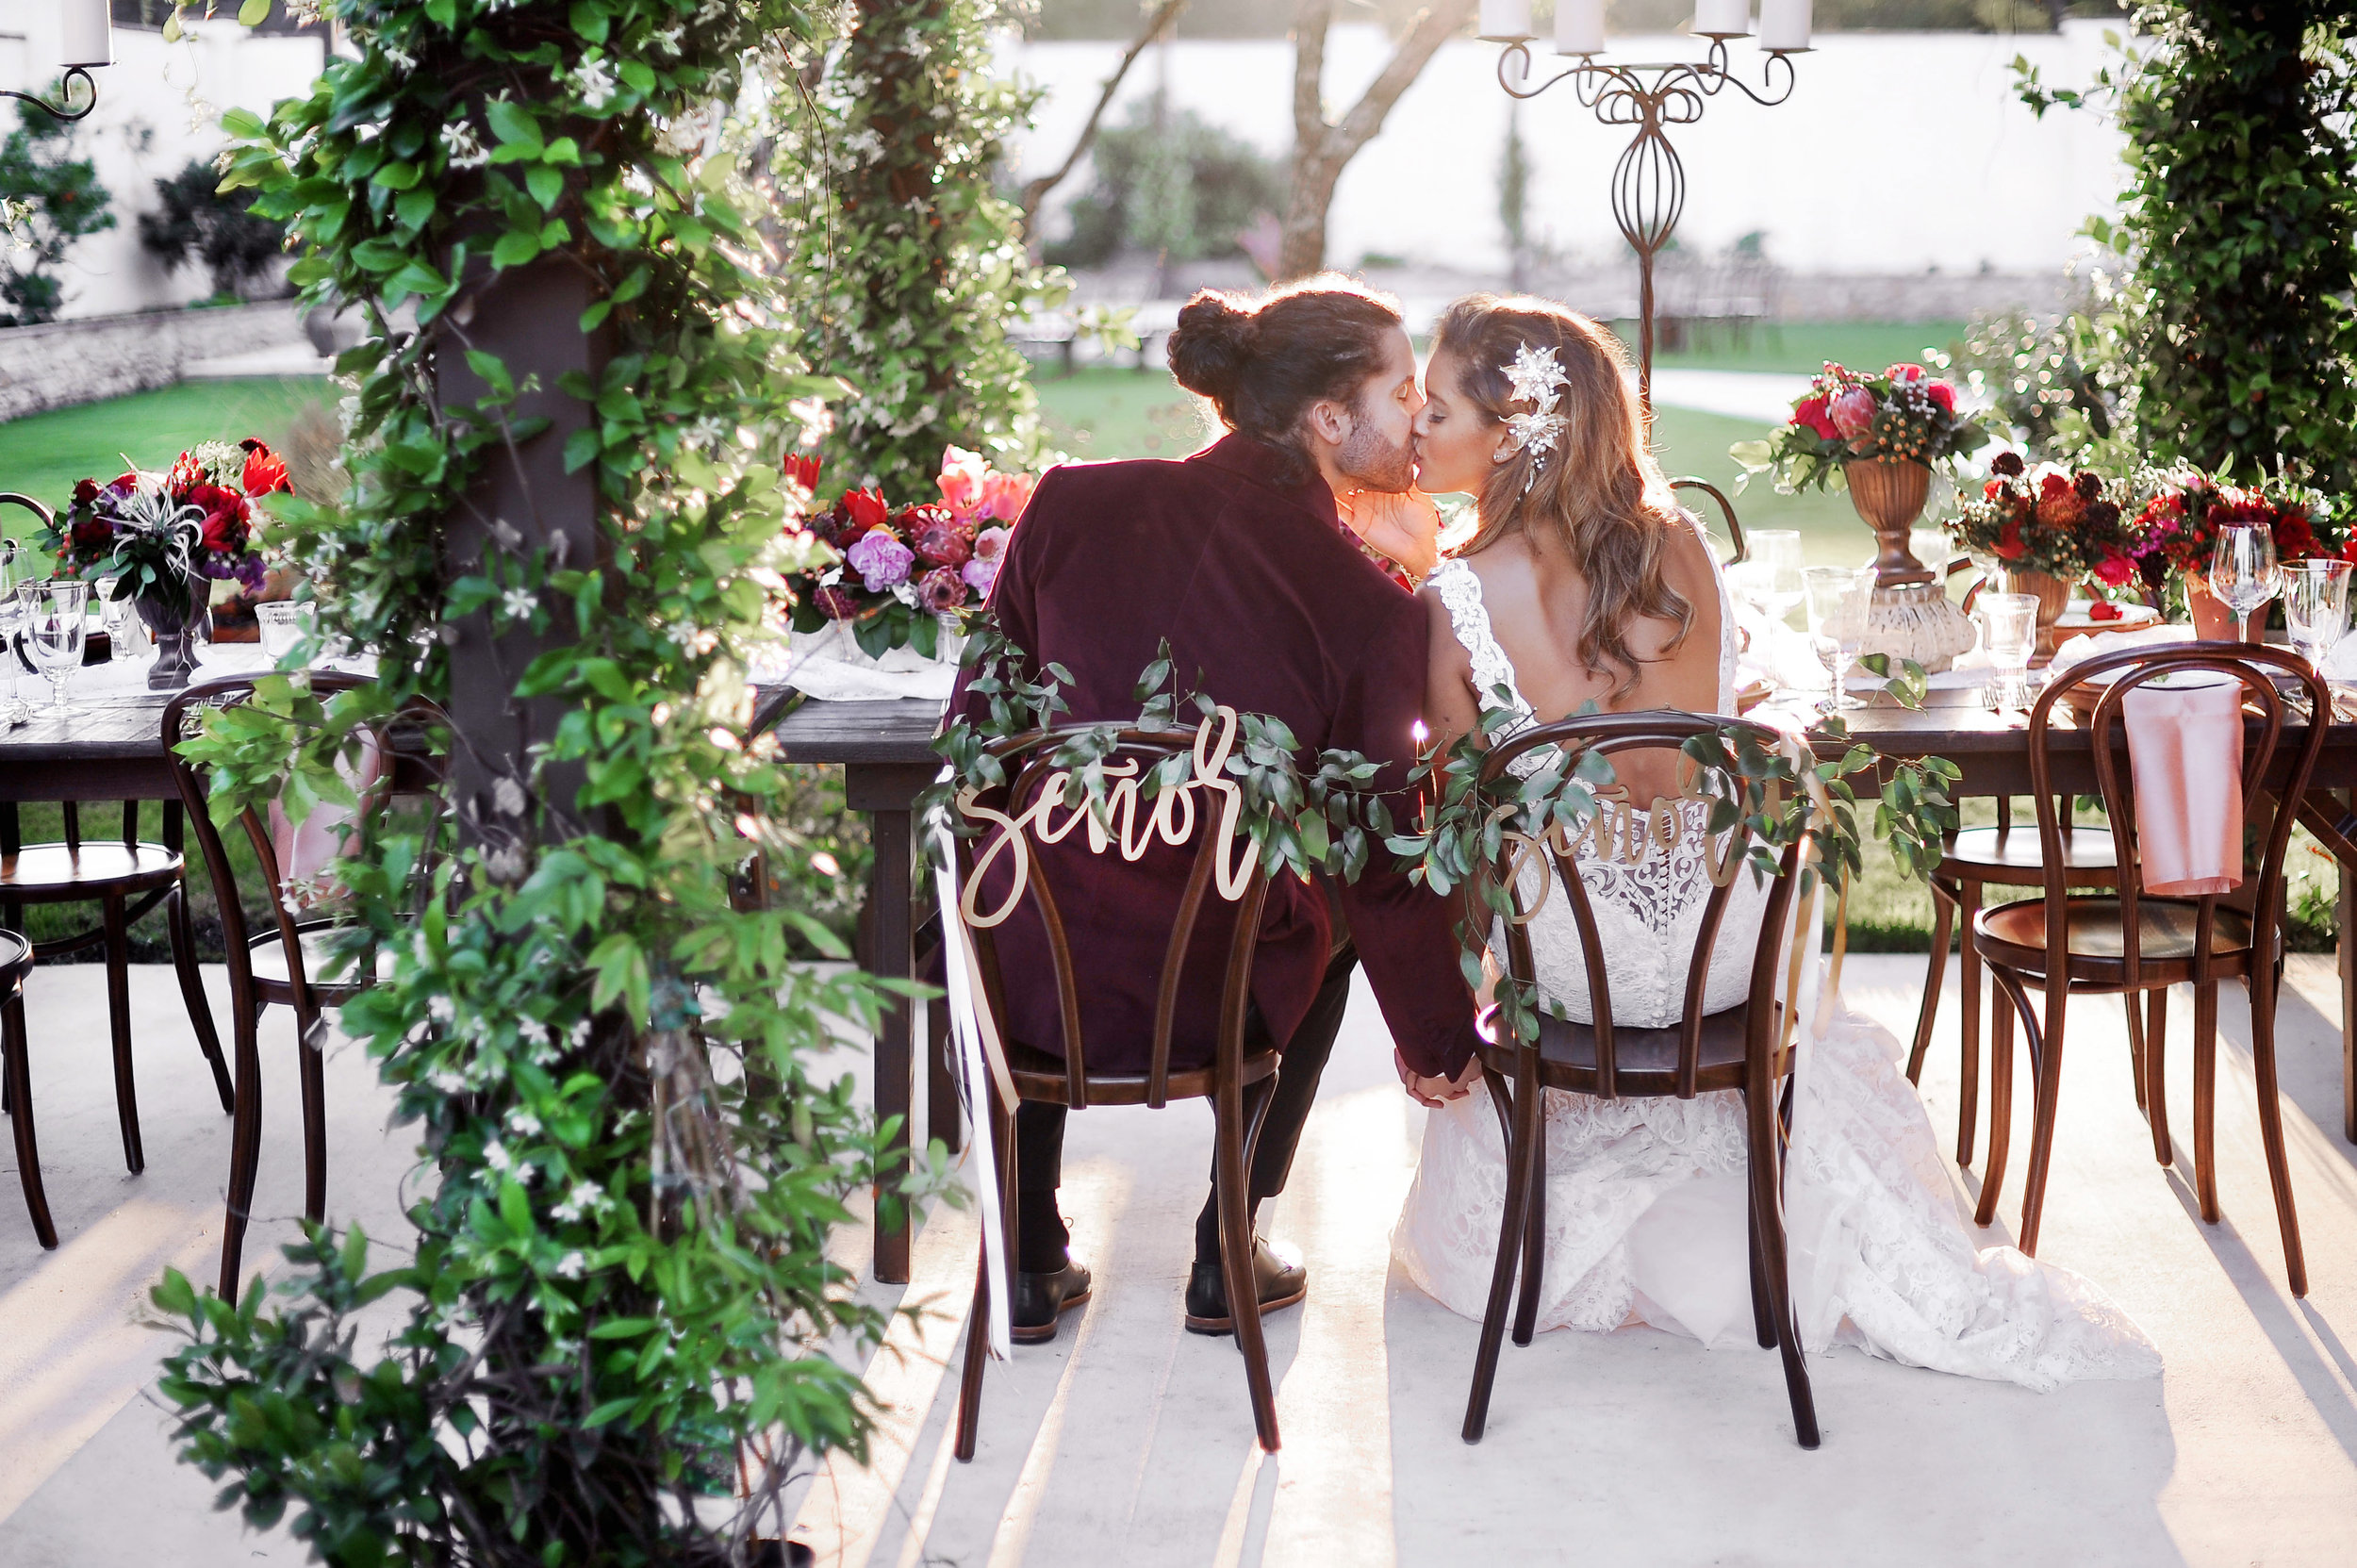 Garden-Grove-Spanish-Wedding-jessicafreyphotography-FAV-084.jpg